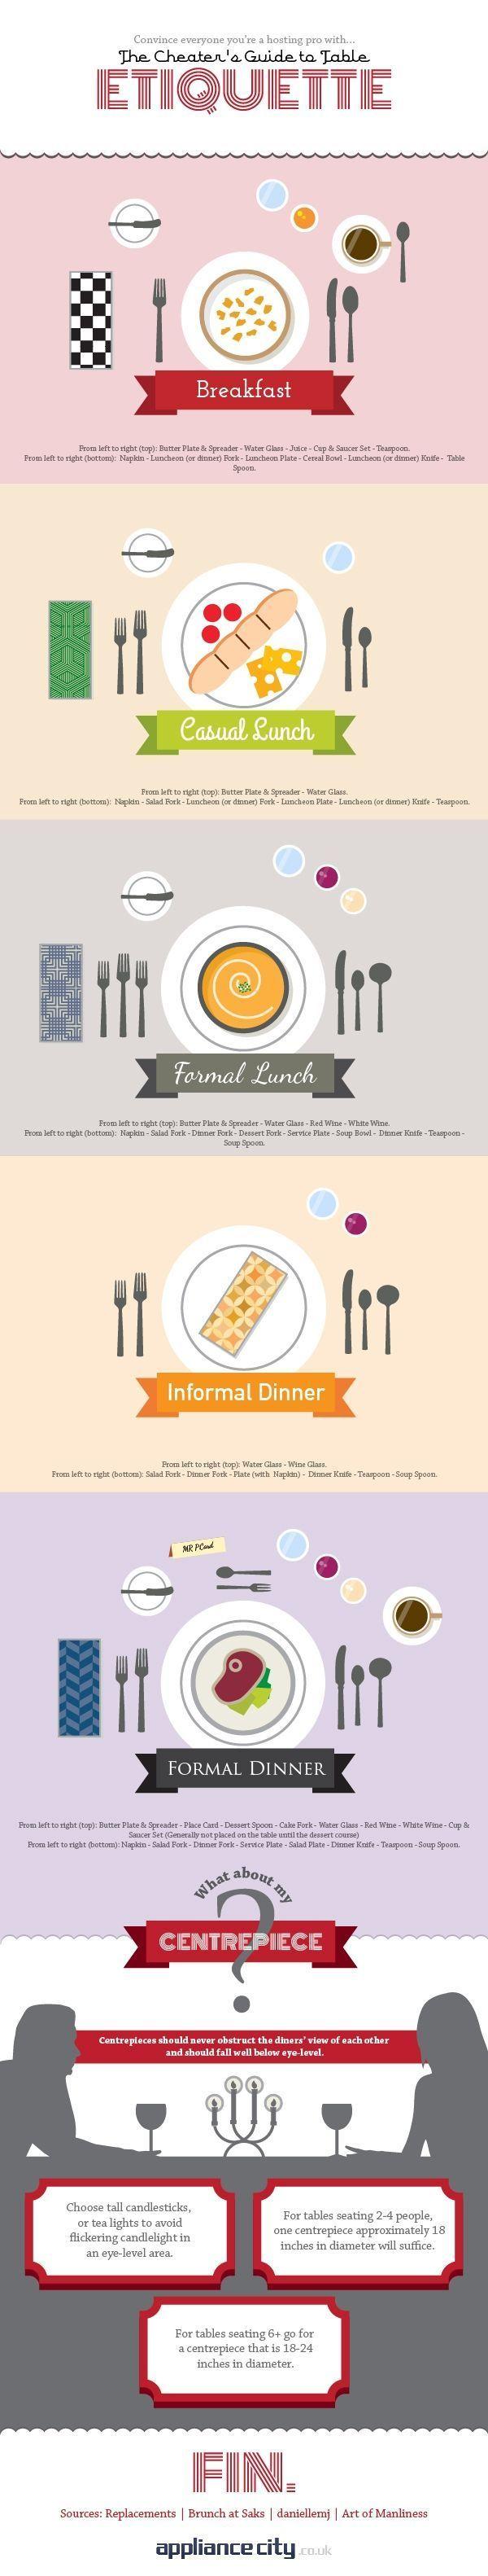 dining etiquette 6